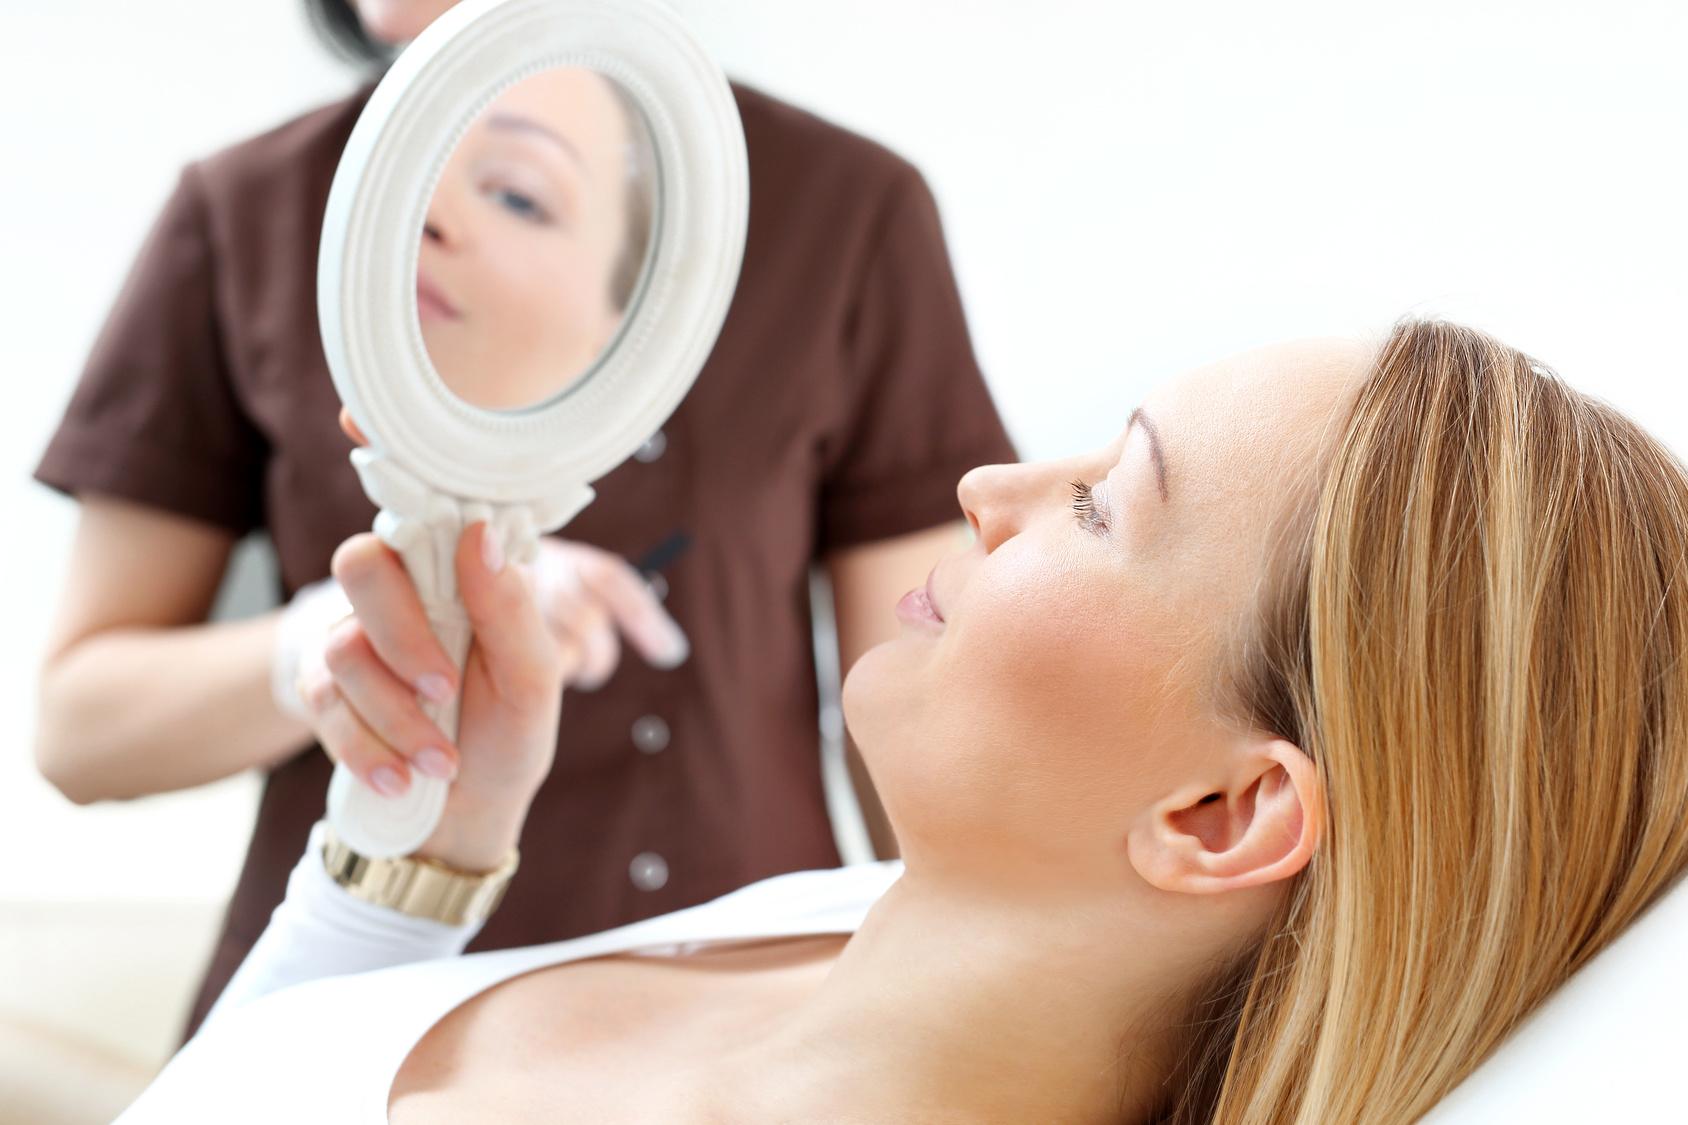 najlepsze dla skóry zabiegi pielęgnacyjne